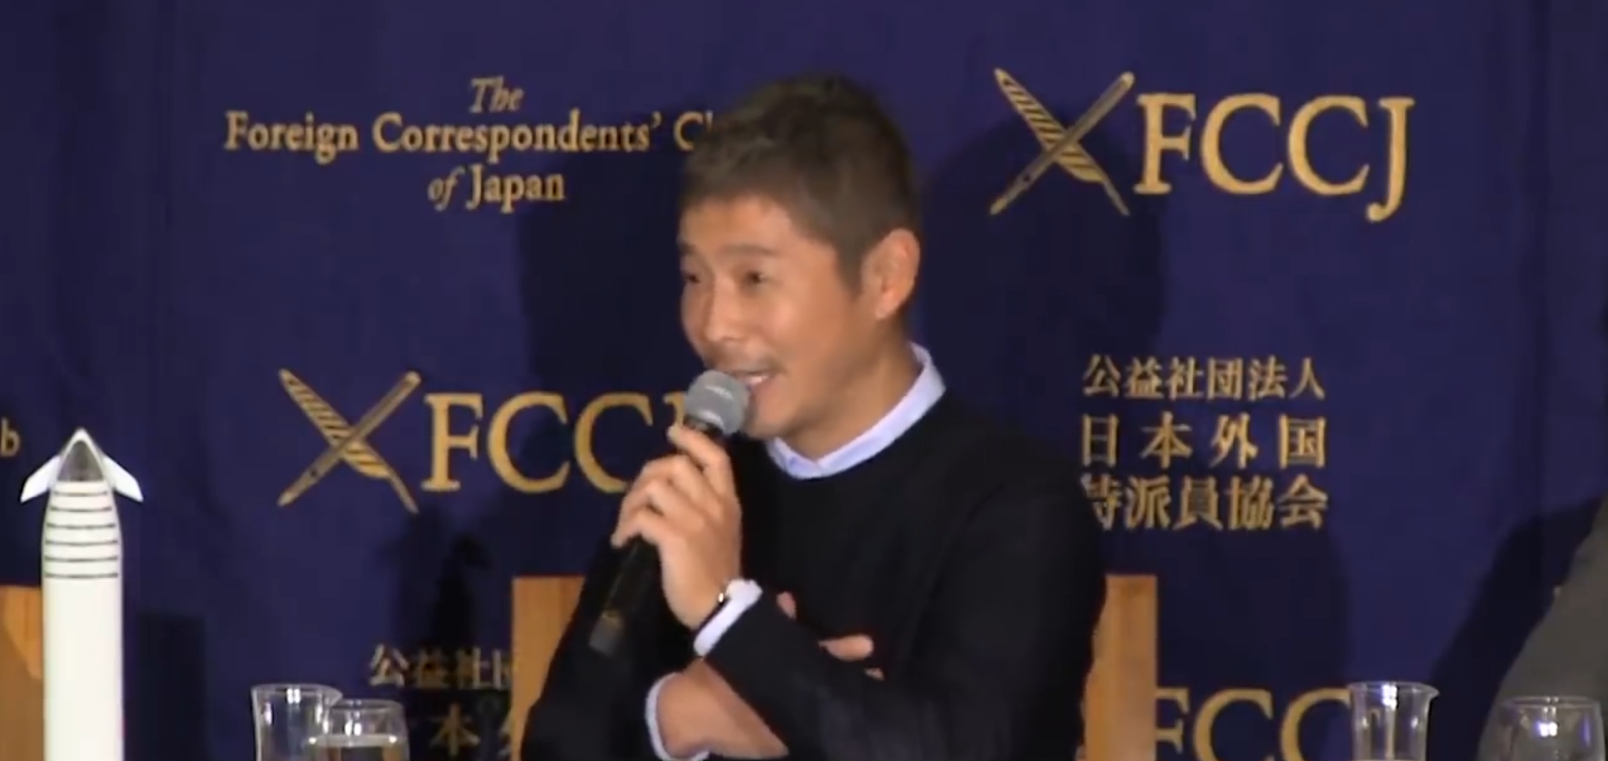 """""""Një biletë për në hënë"""", miliarderi japonez kërkon një shoqëruese për udhëtimin e tij"""